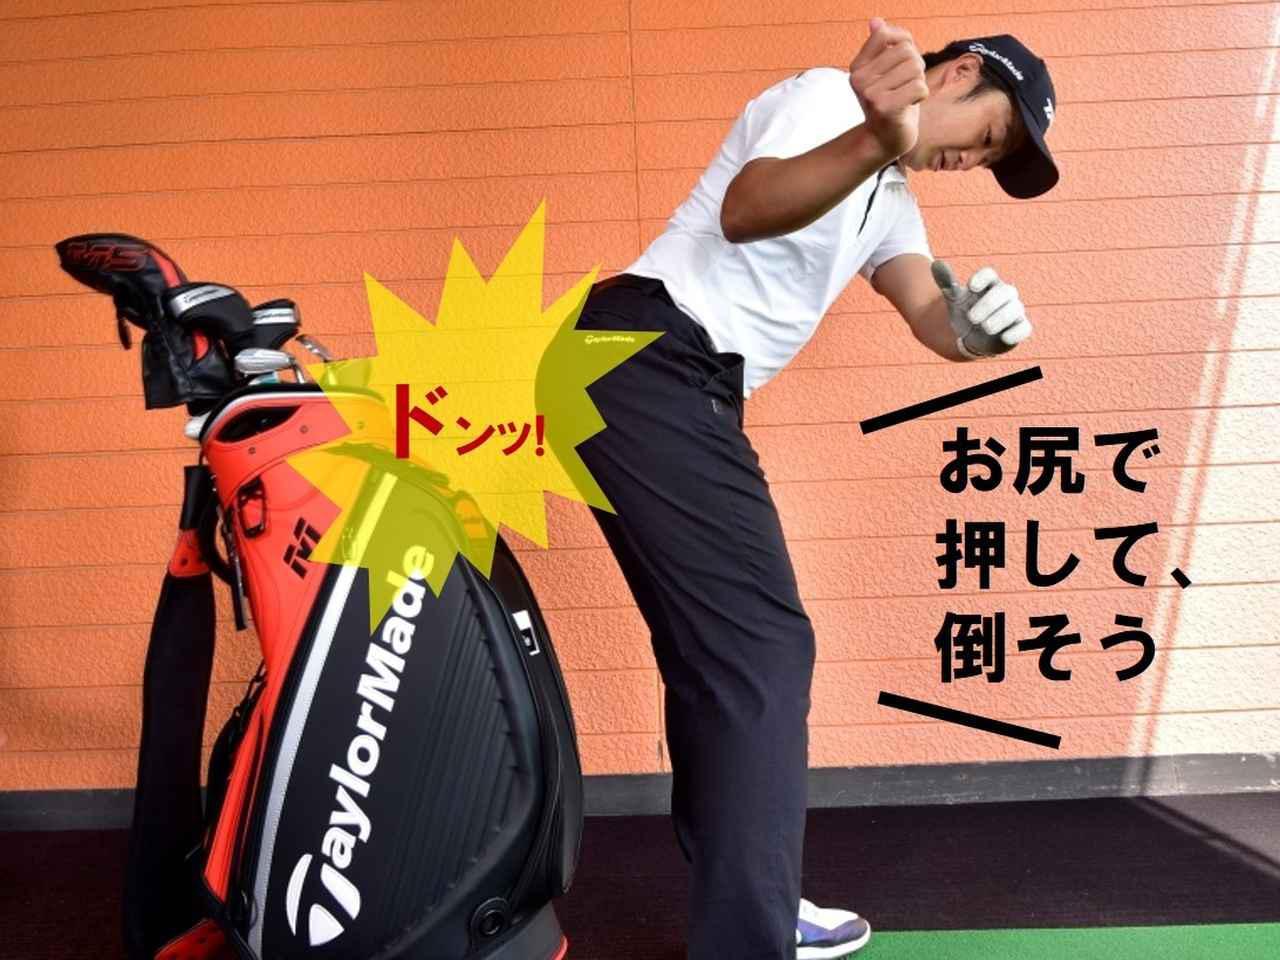 画像: 【スライス解決】プッシュスライスはお尻をドン。プルスライスはステップ打ち。「この練習で直しましょう」by目崎秀憲プロ(後編) - ゴルフへ行こうWEB by ゴルフダイジェスト